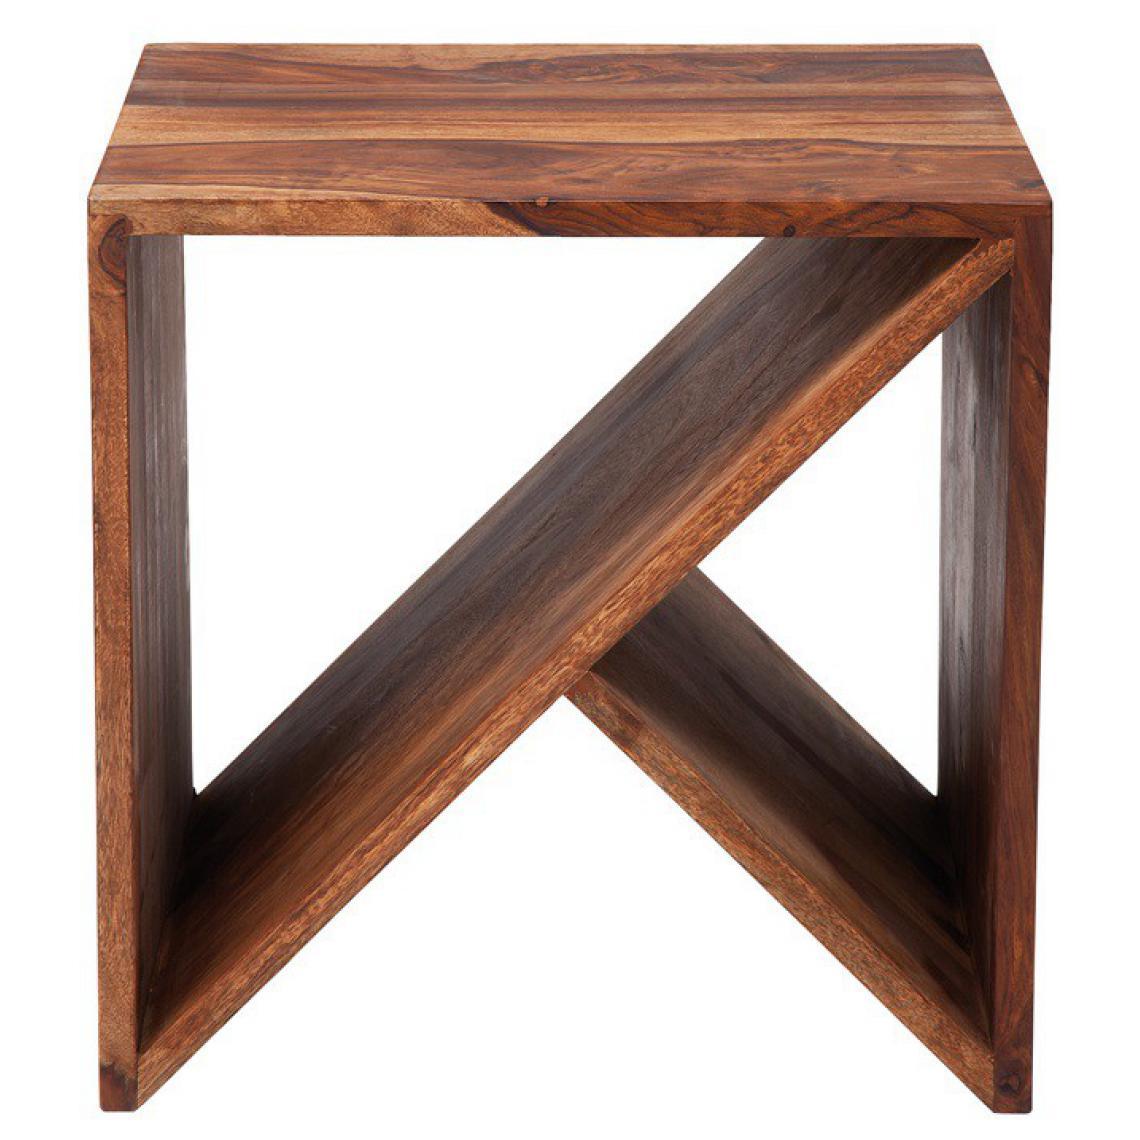 KARE DESIGN Table Basse Cube Zigzag Bois Sheesham